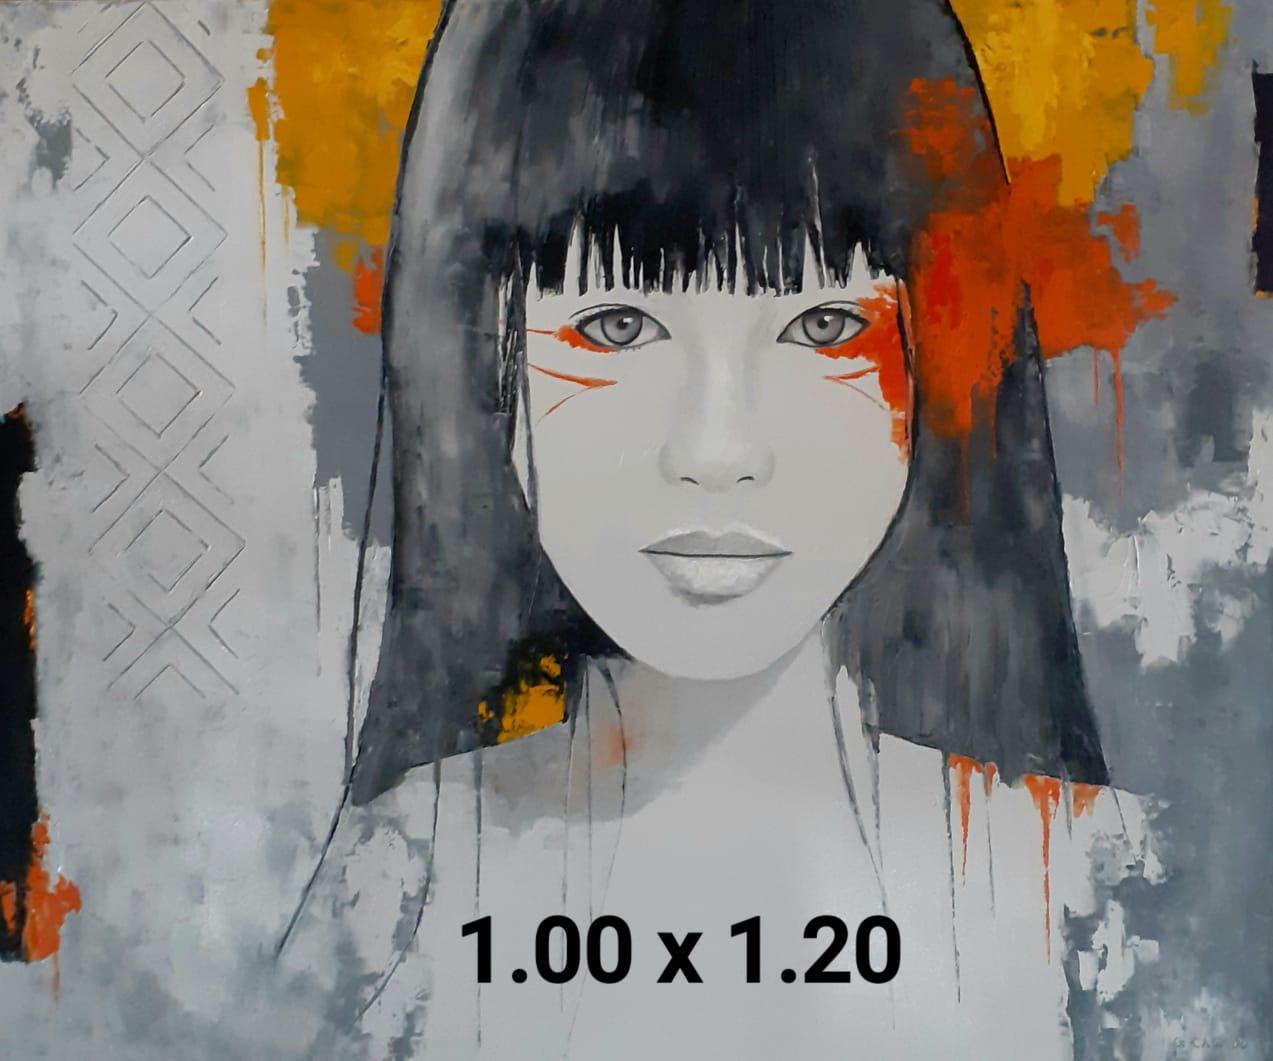 sos-amazonia-0010-100-x-120